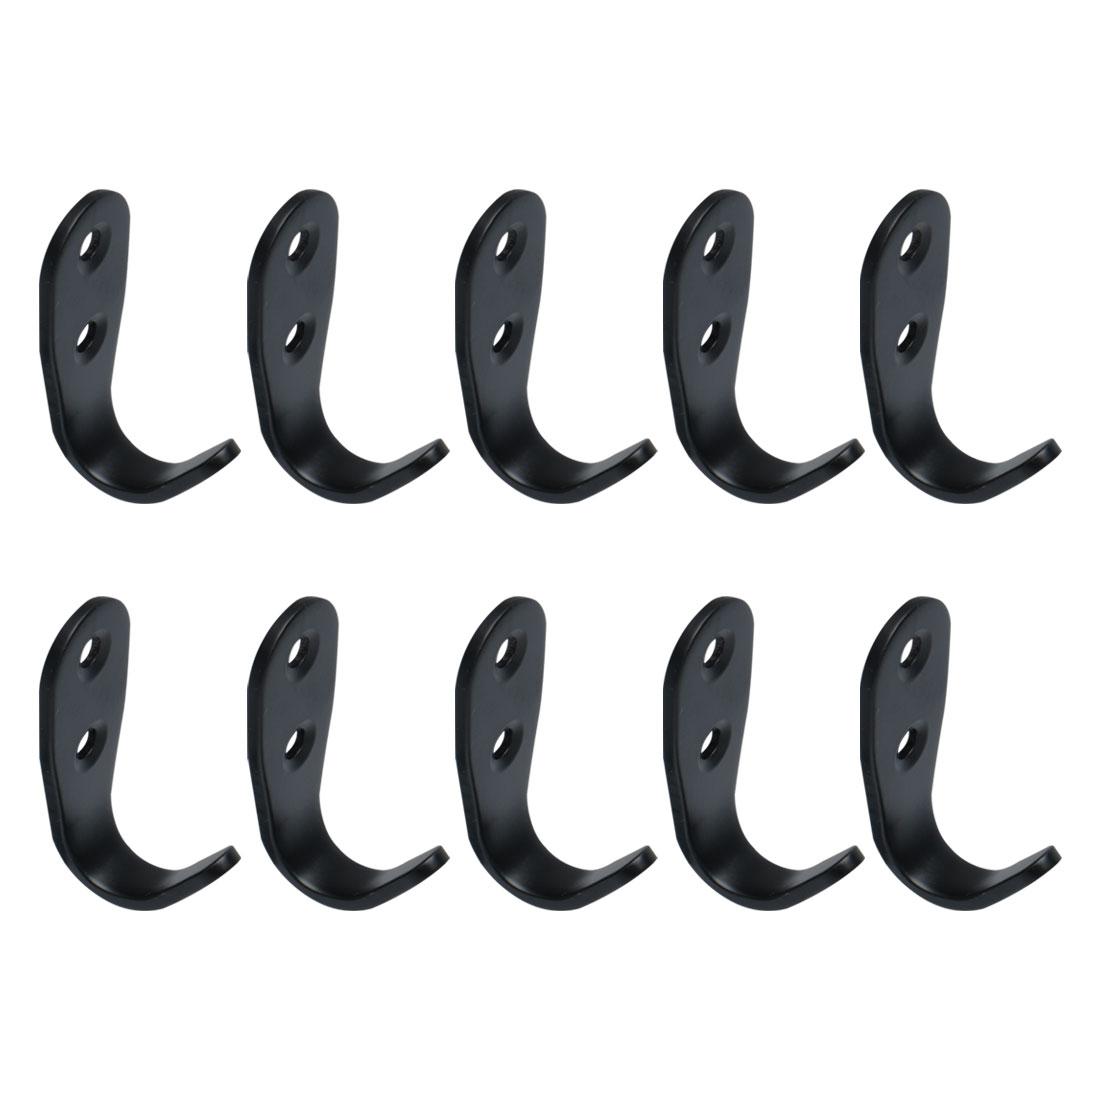 10pcs Wall Hook Stainless Steel 53mm Hook Scarf Towel Wall Hanger w Screws Black